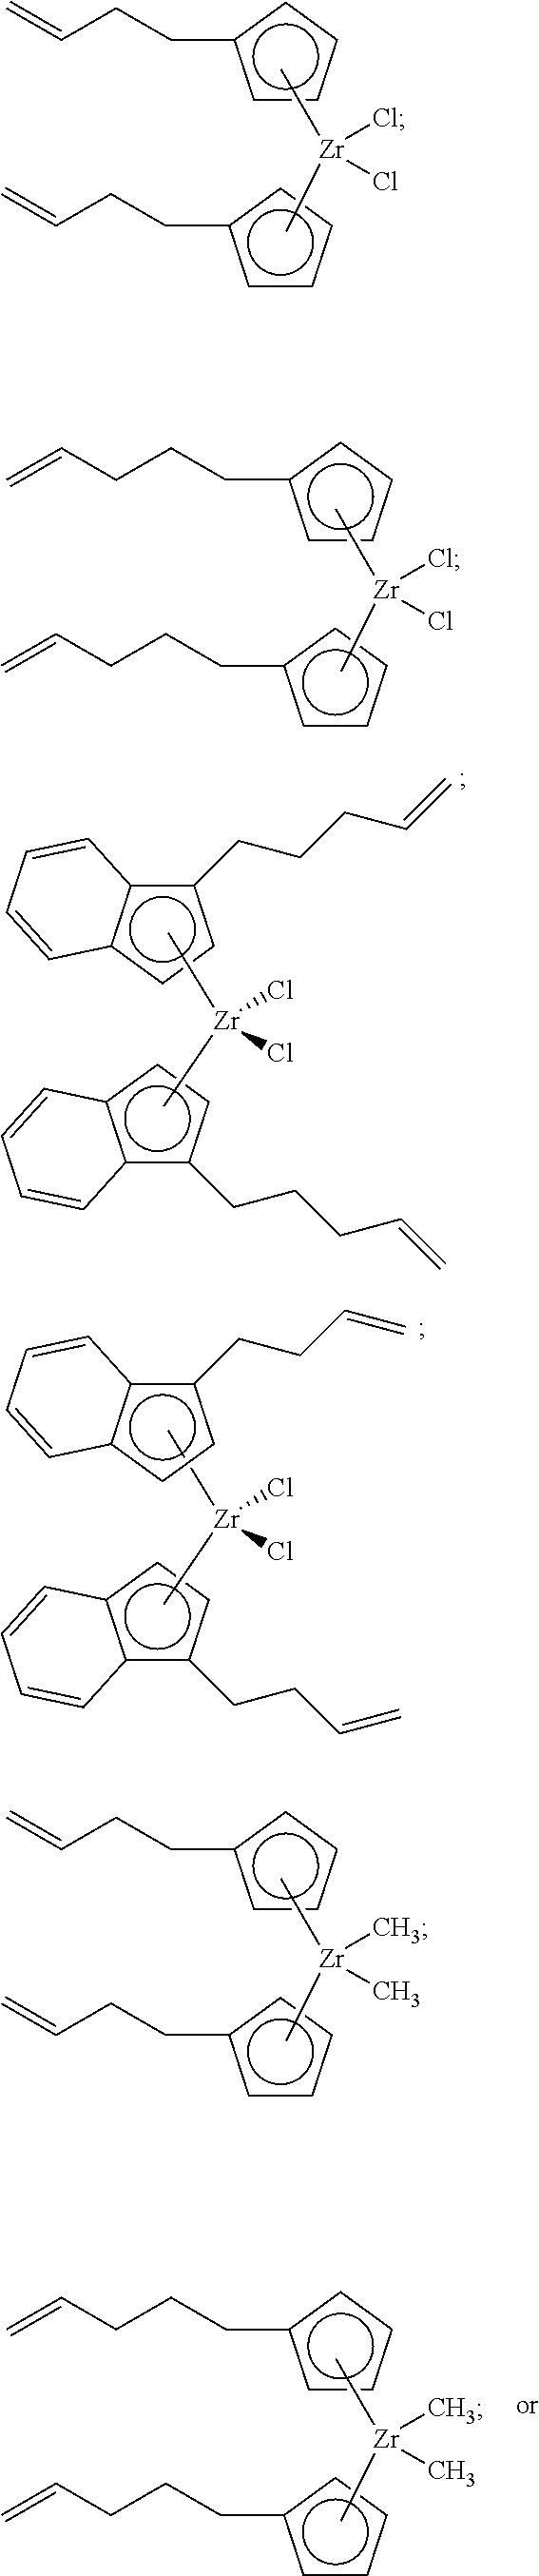 Figure US08501654-20130806-C00034